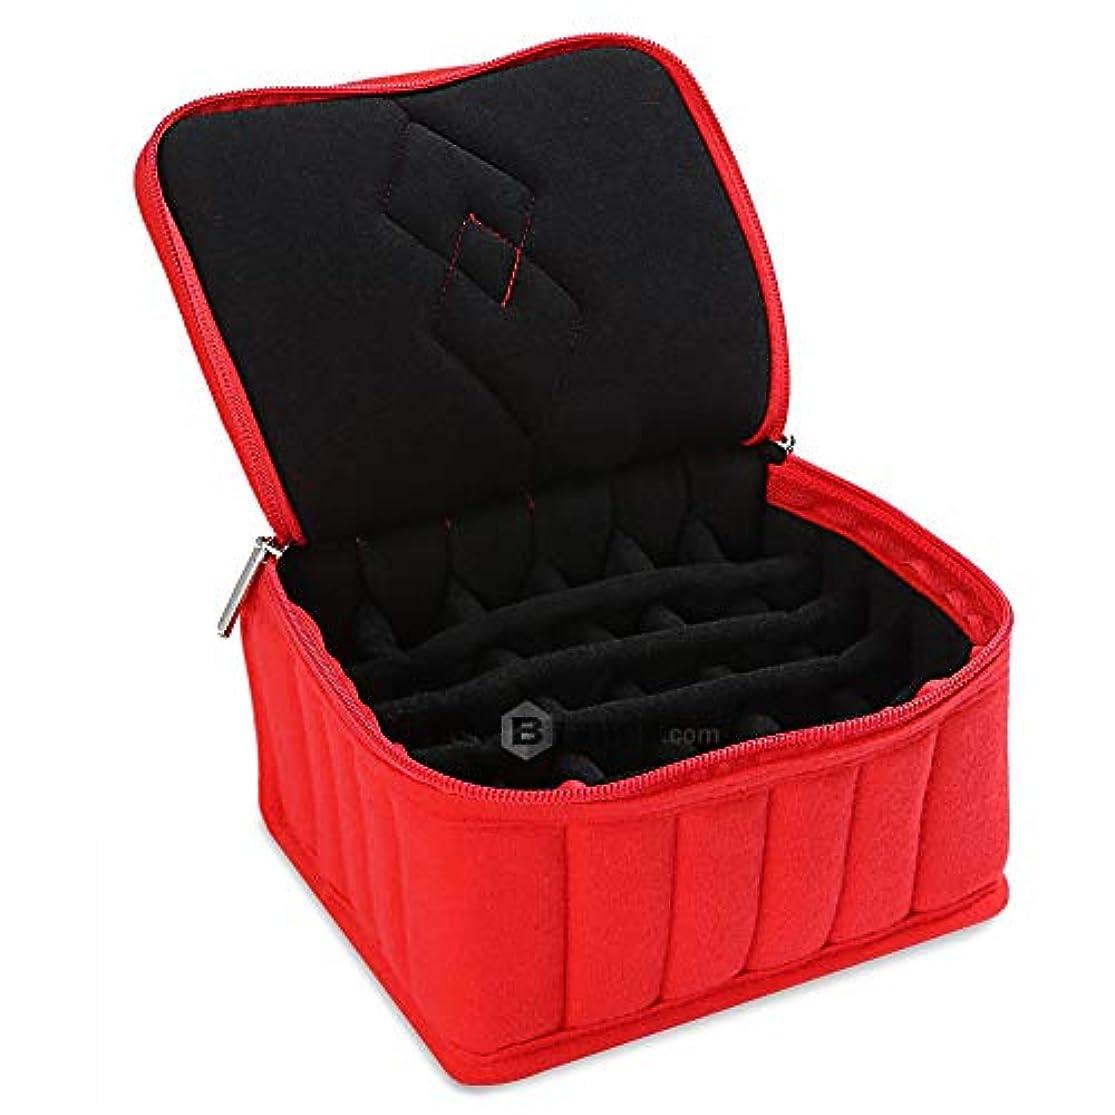 奨励します材料強打リングケース 指輪 ベロア調 ピアスケース 30個 収納可 ディスプレイ 展示用 ジュエリーボックス